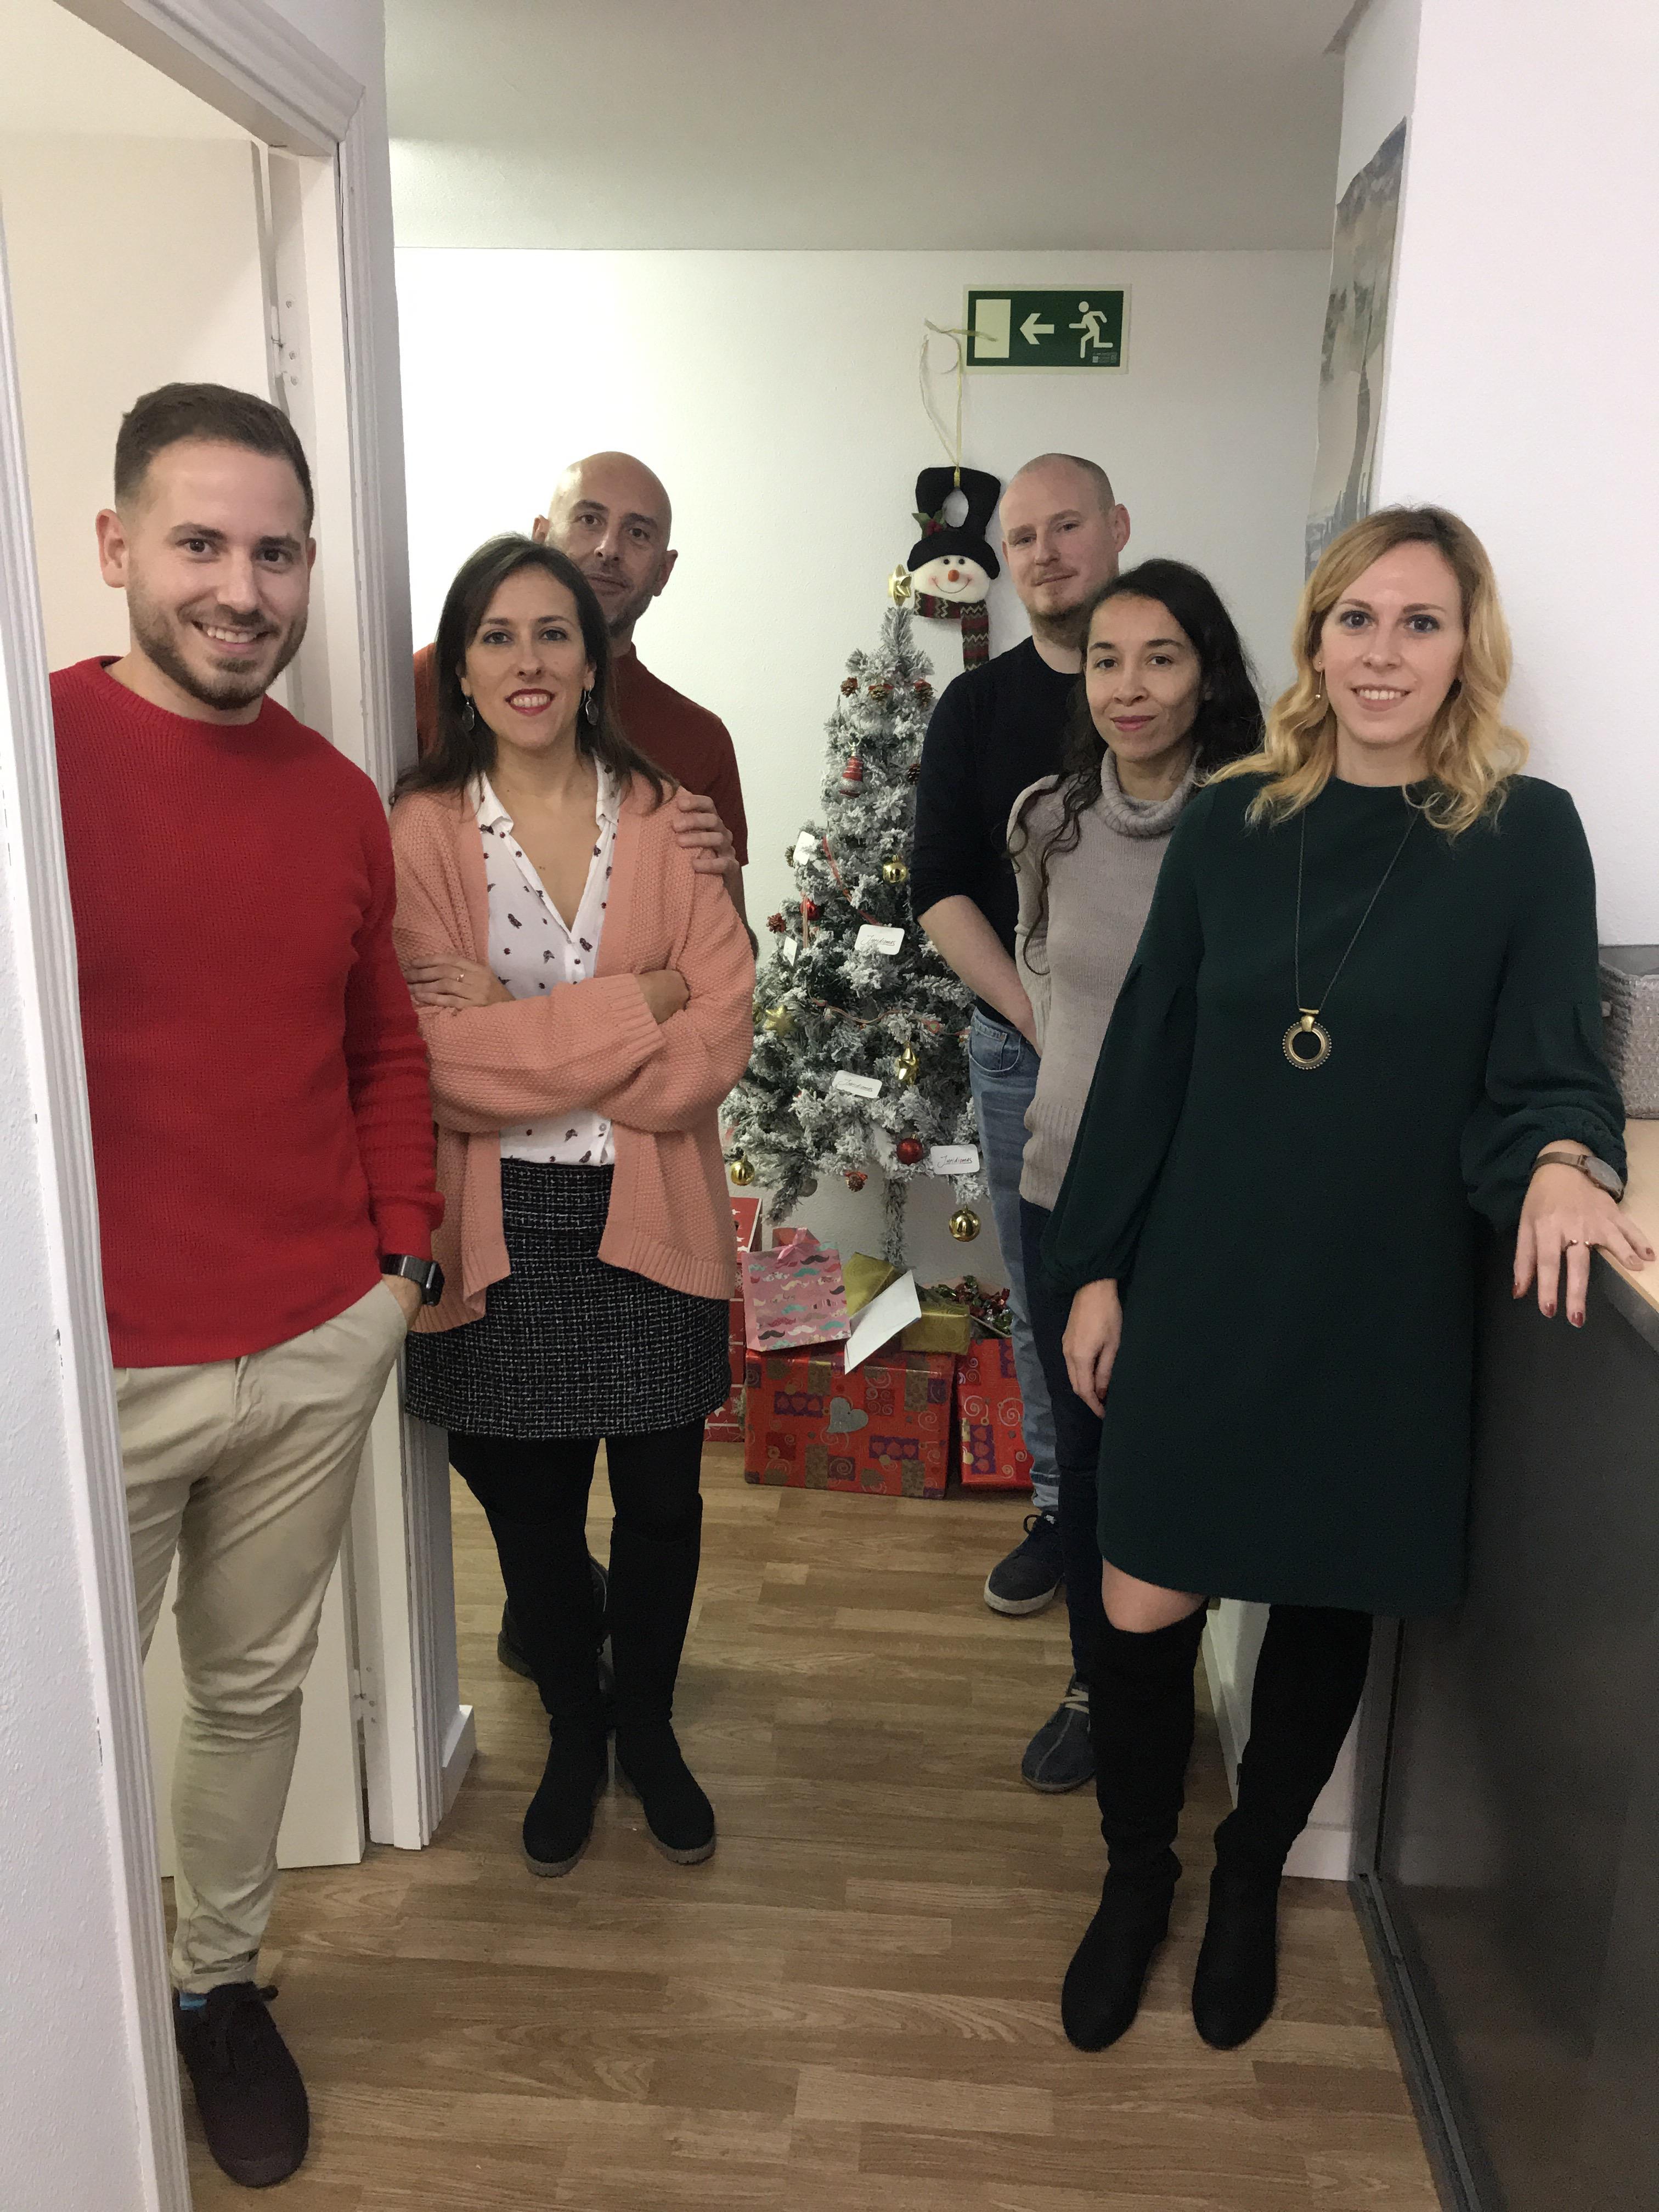 El equipo de Juridiomas te desea ¡Felices Fiestas! - Juridiomas